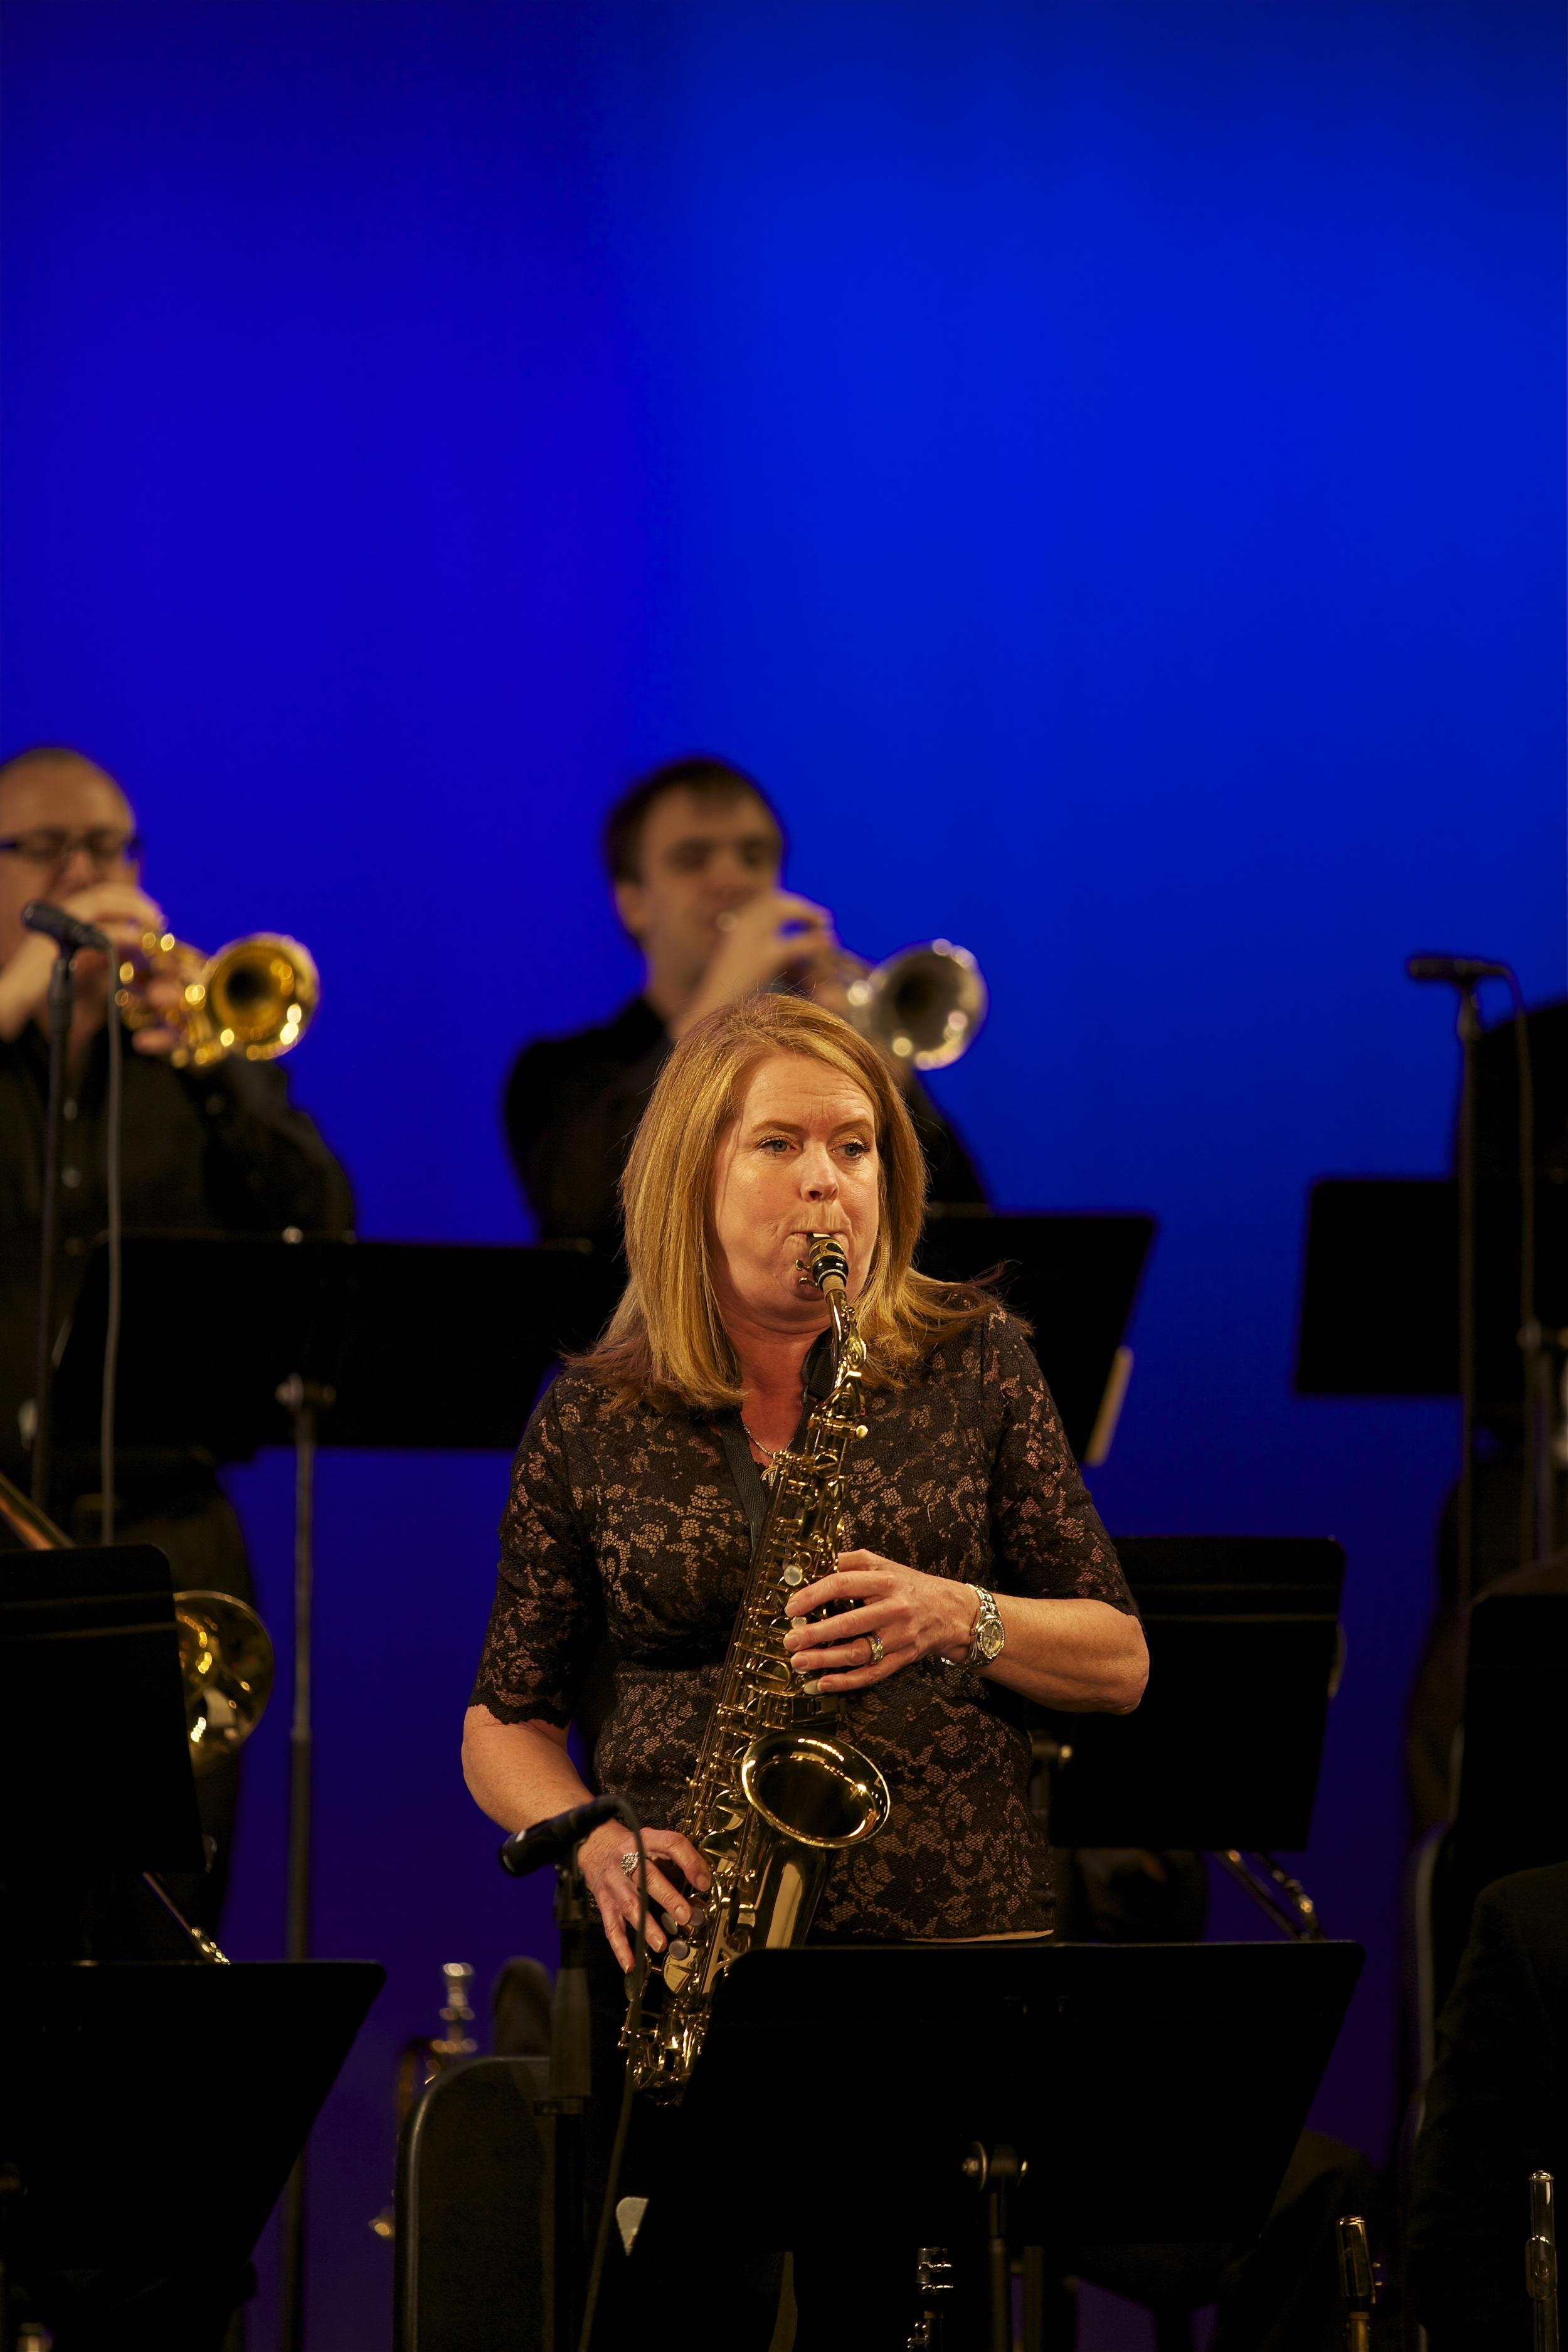 Lori Risse, alto saxophone